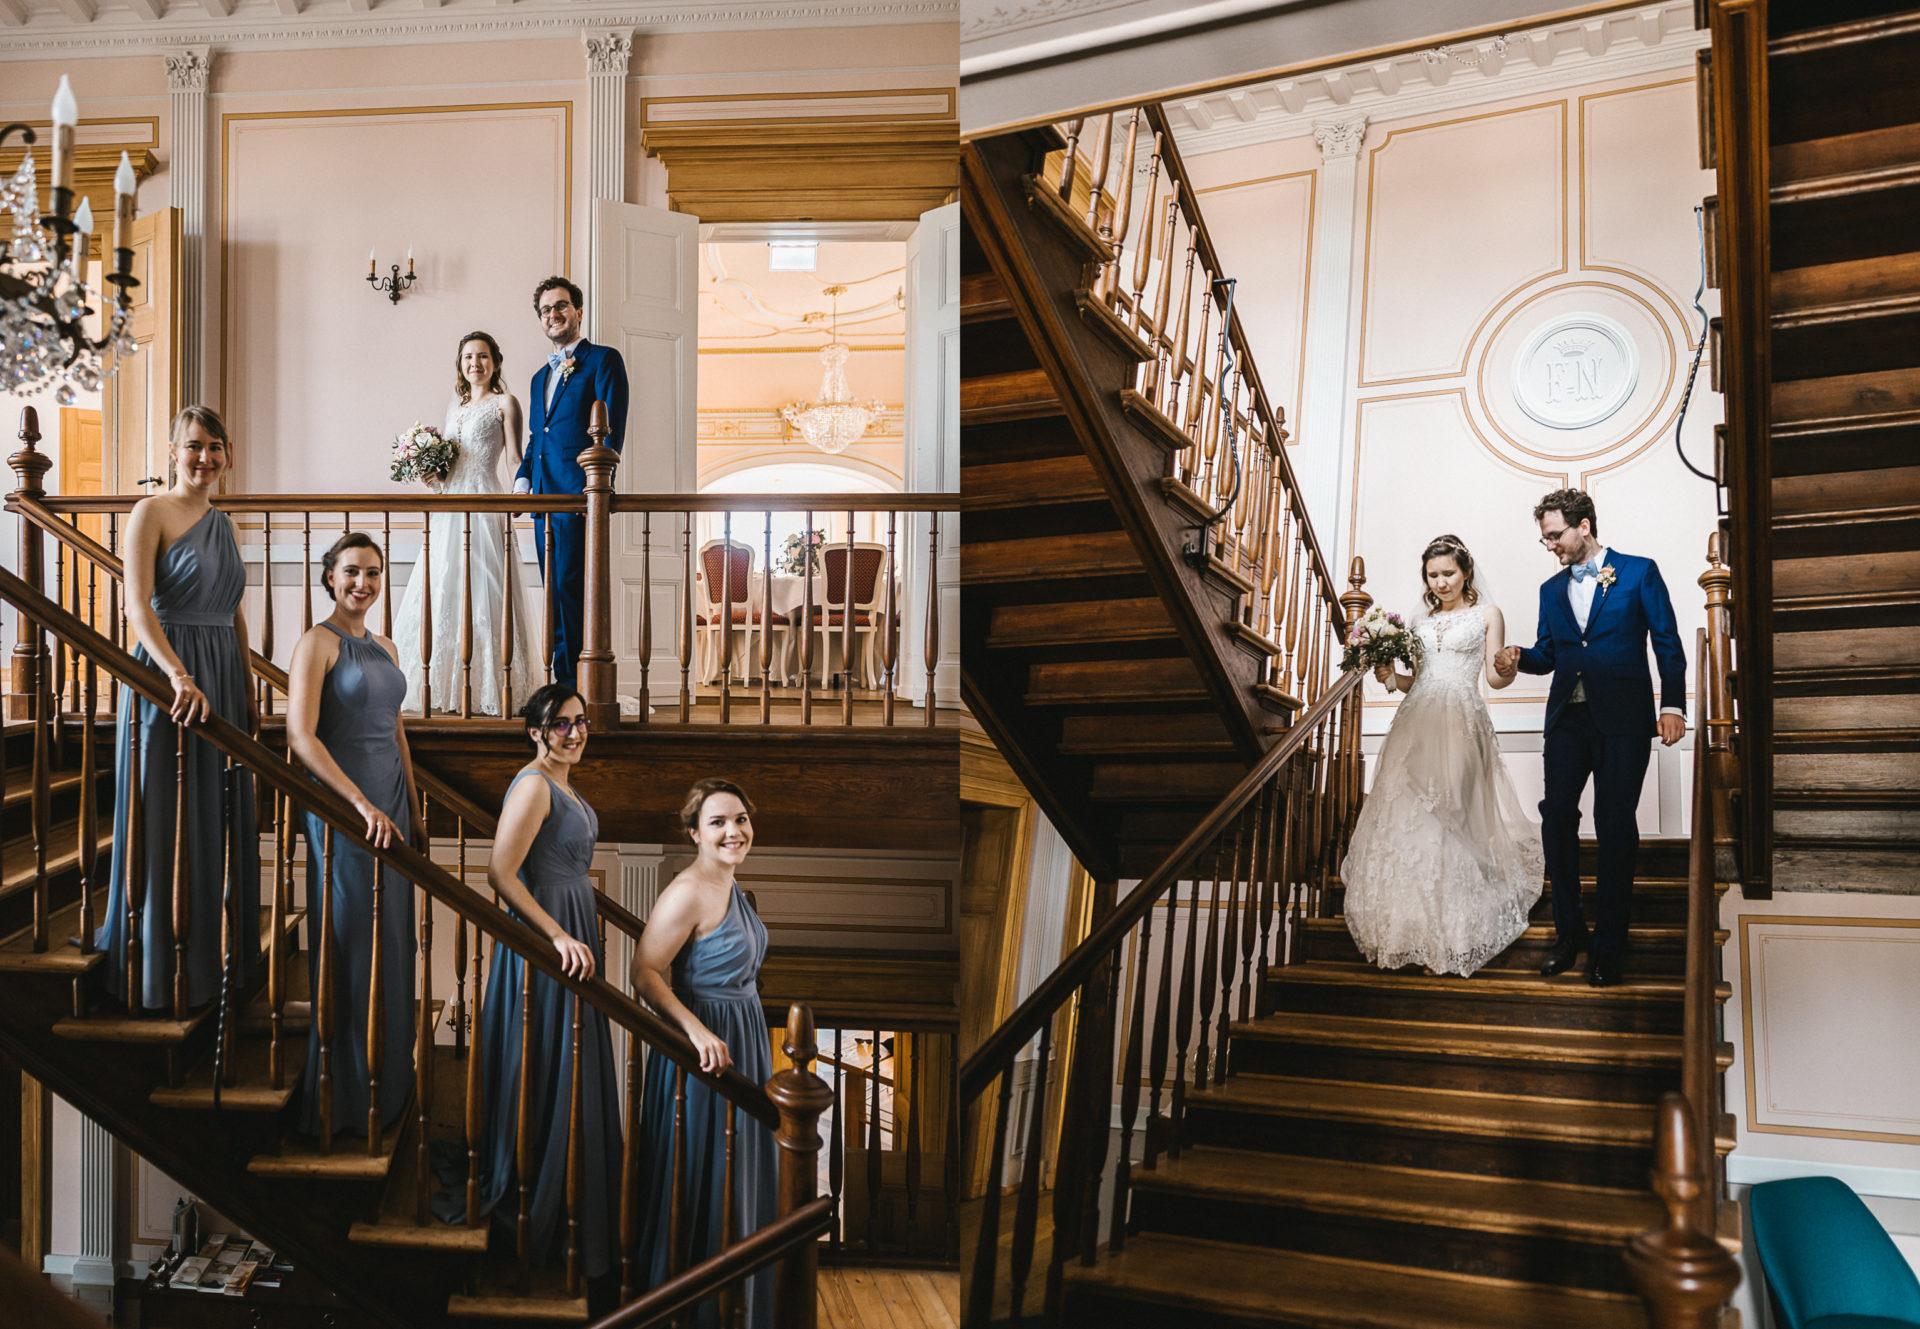 Hochzeitsreportage, Portfolio | Freie Trauung im Herrenhaus Möckern in Leipzig | 10